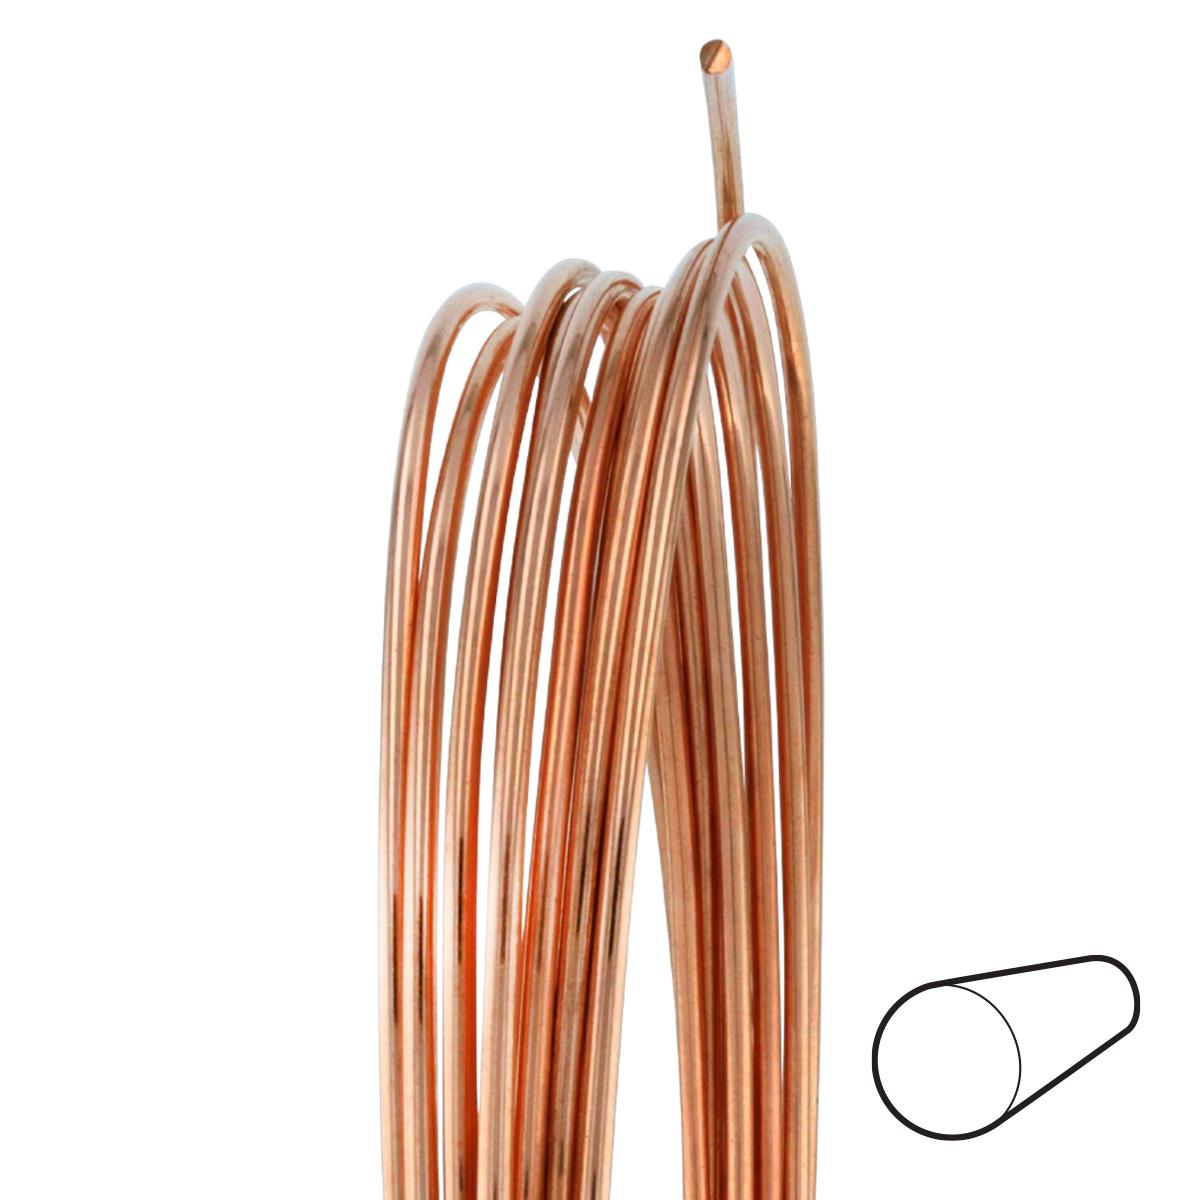 28 gauge round half hard copper wire wire jewelry wire wrap 28 gauge round half hard copper wire greentooth Images